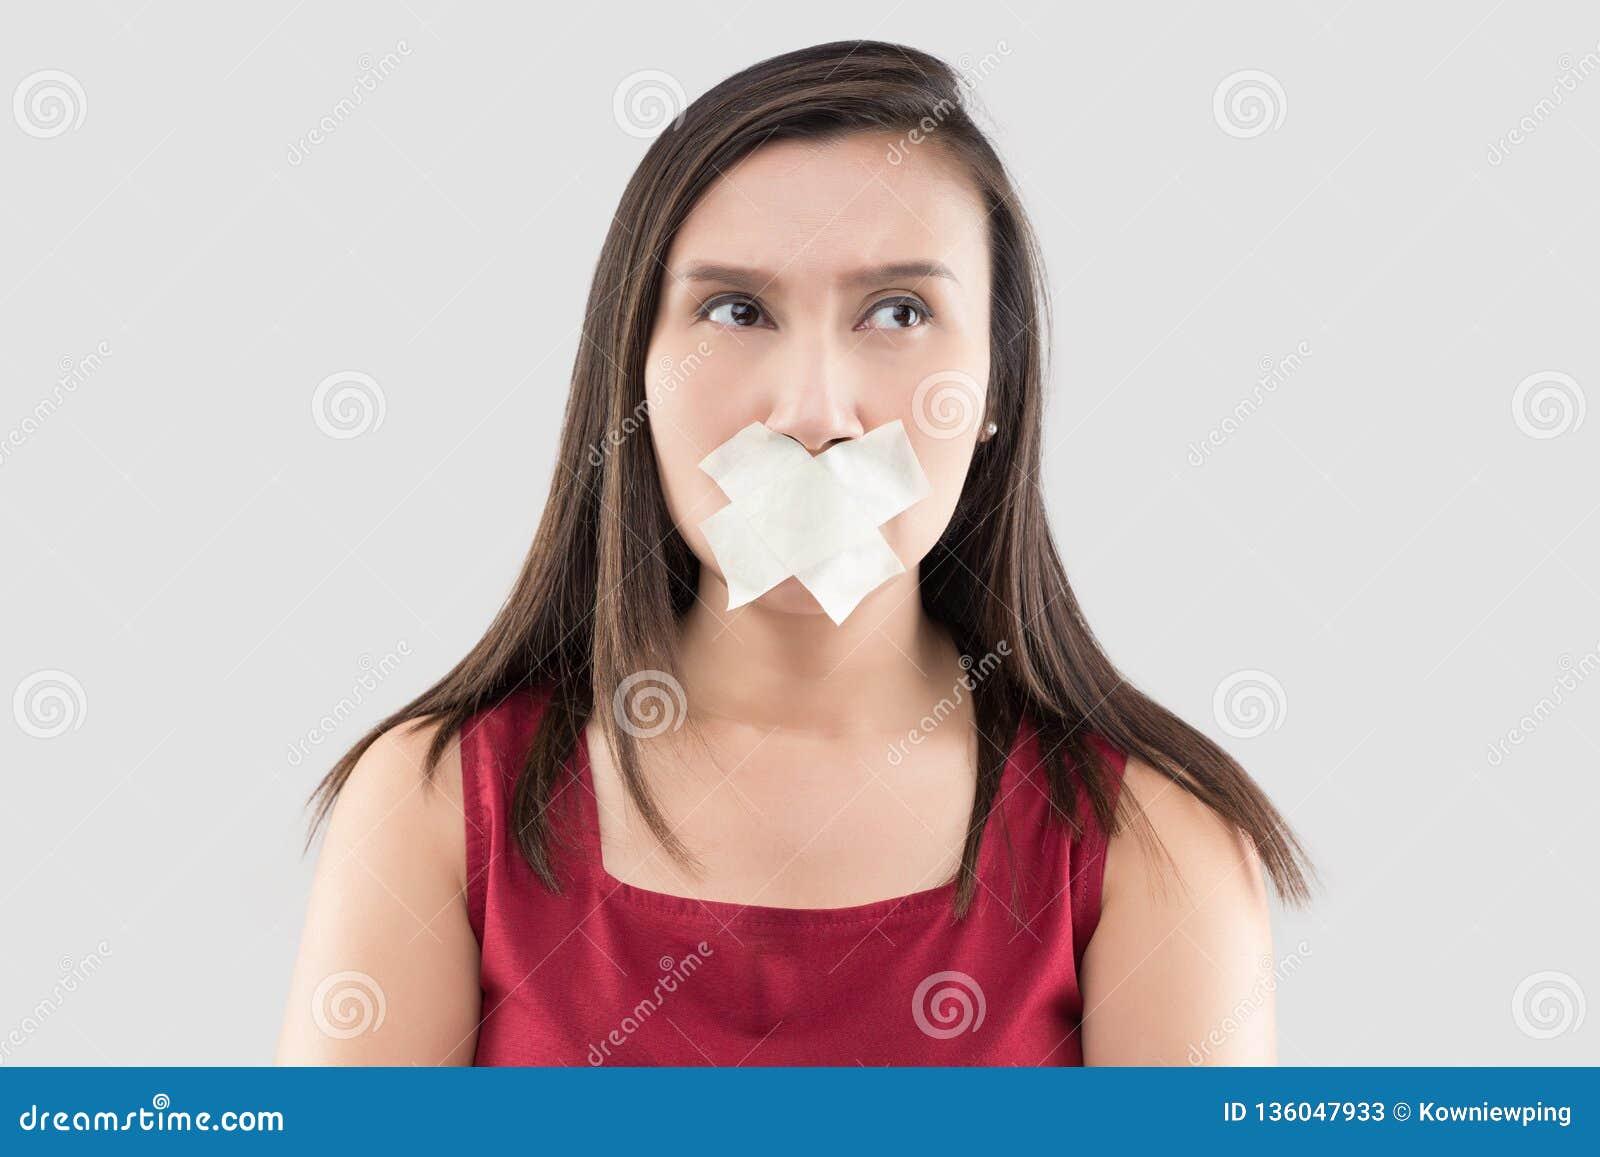 Женщины в красных платьях используют ленту для маскировки для того чтобы закрыть рот потому что они не хотят комментировать